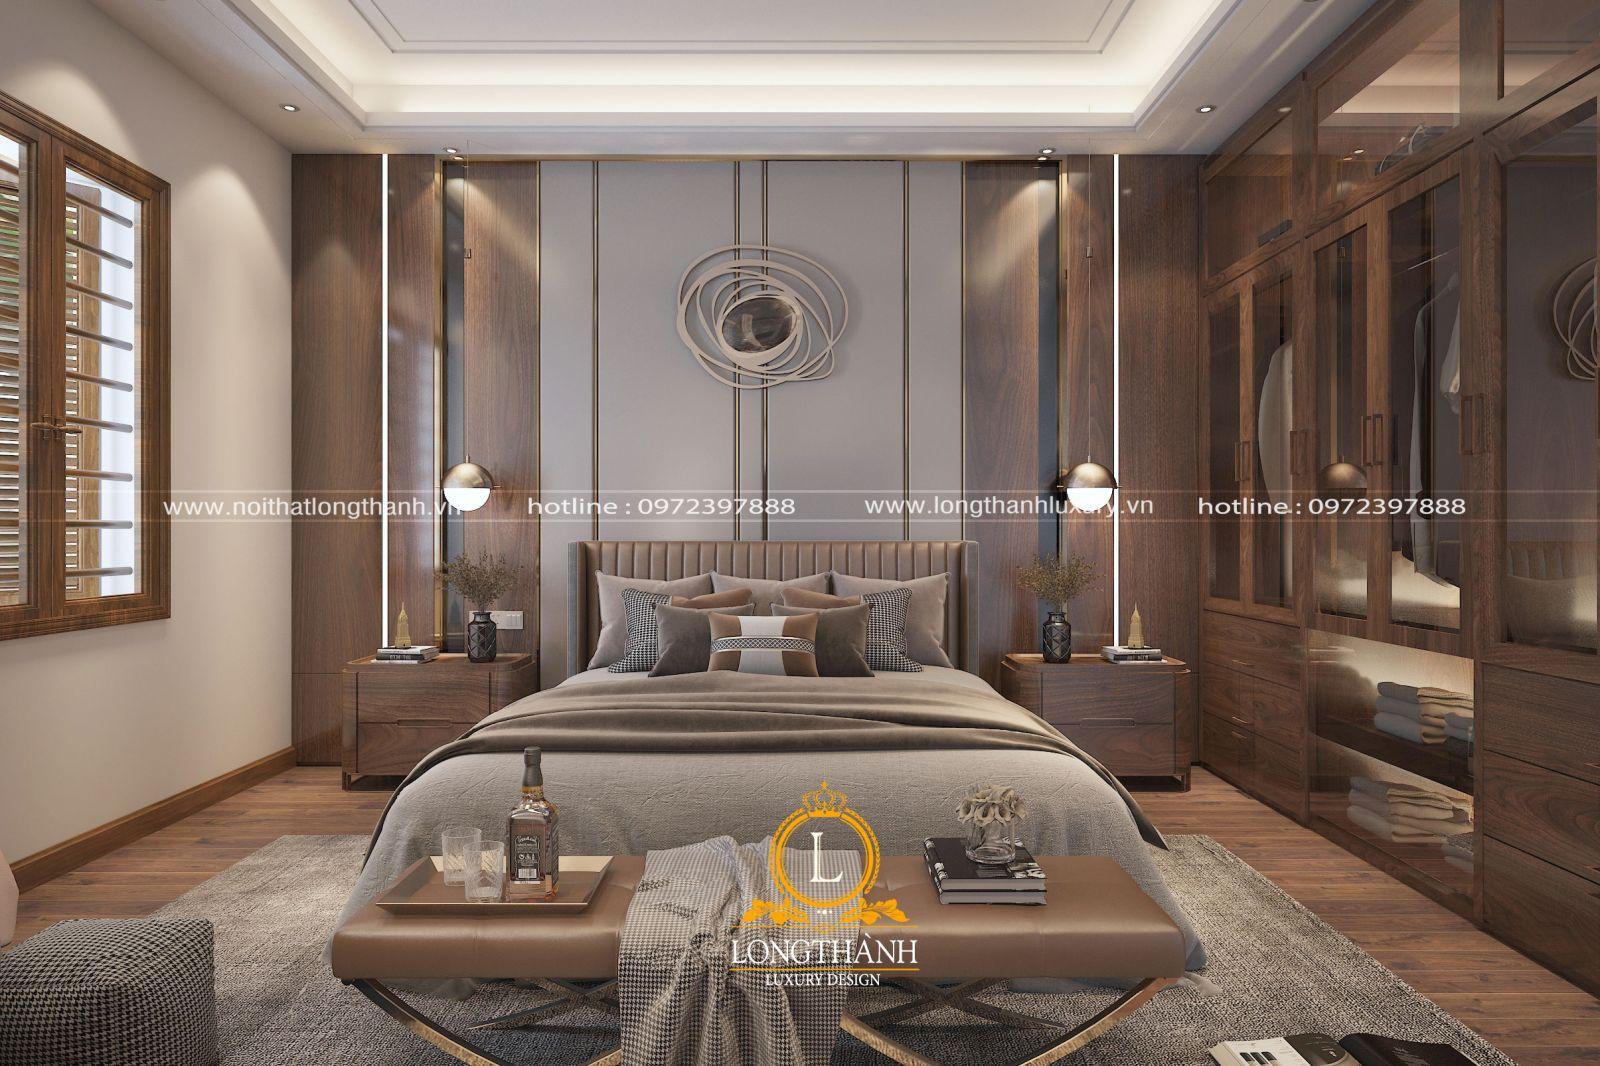 Không gian phòng ngủ được thiết kế lịch lãm dành  cho những anh chàng độc thân